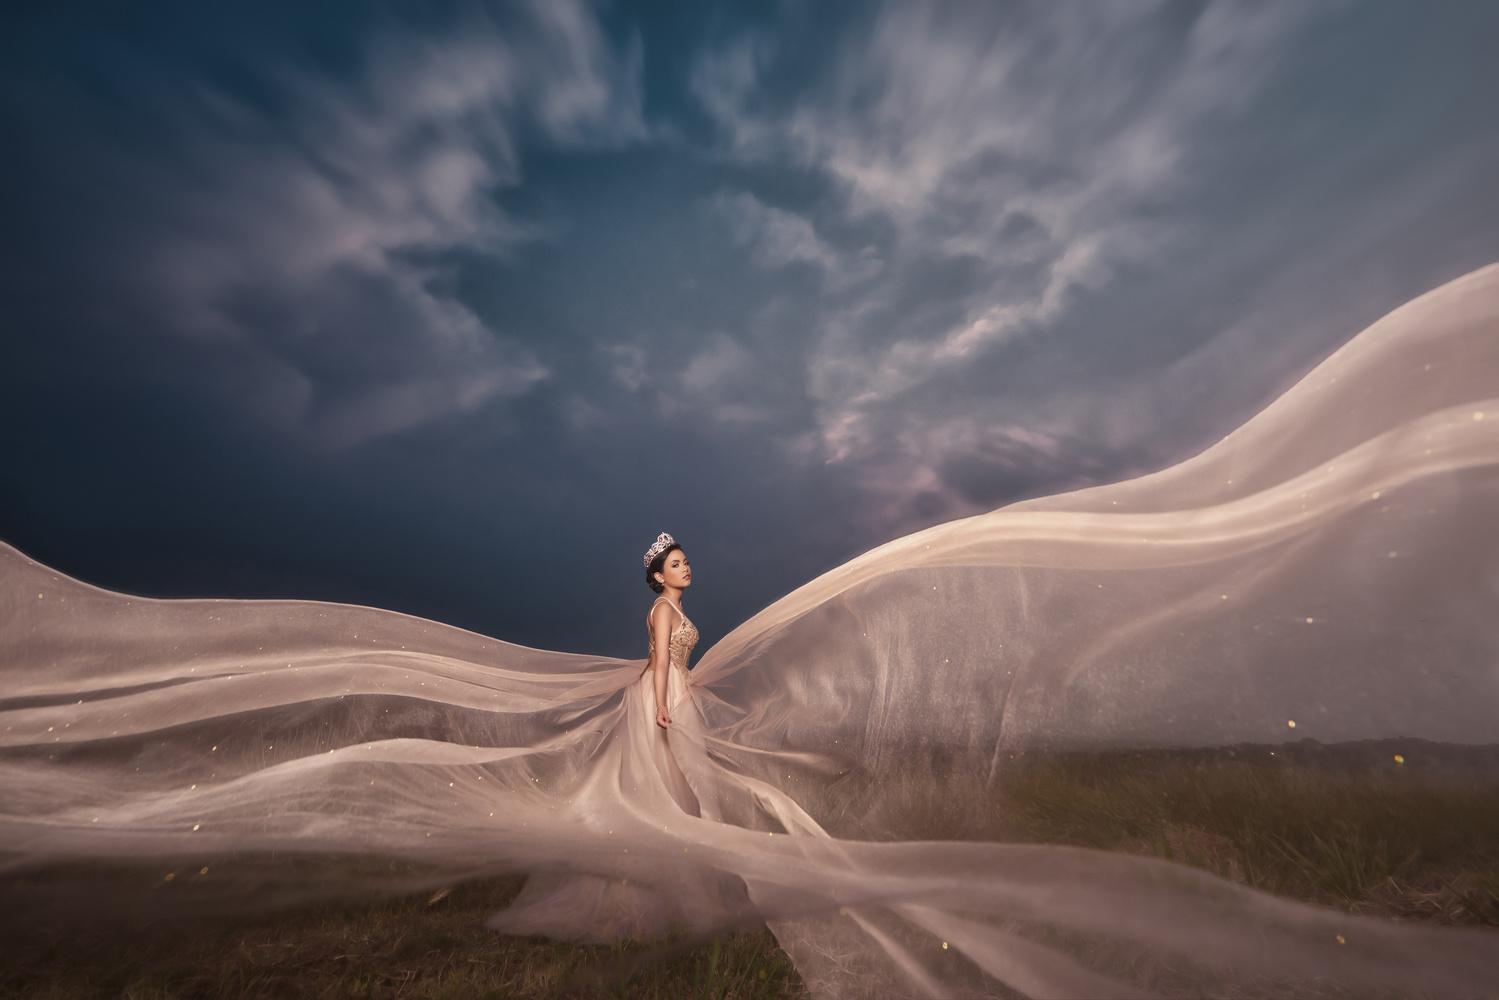 Sky by Alejandro Huerta Rosario